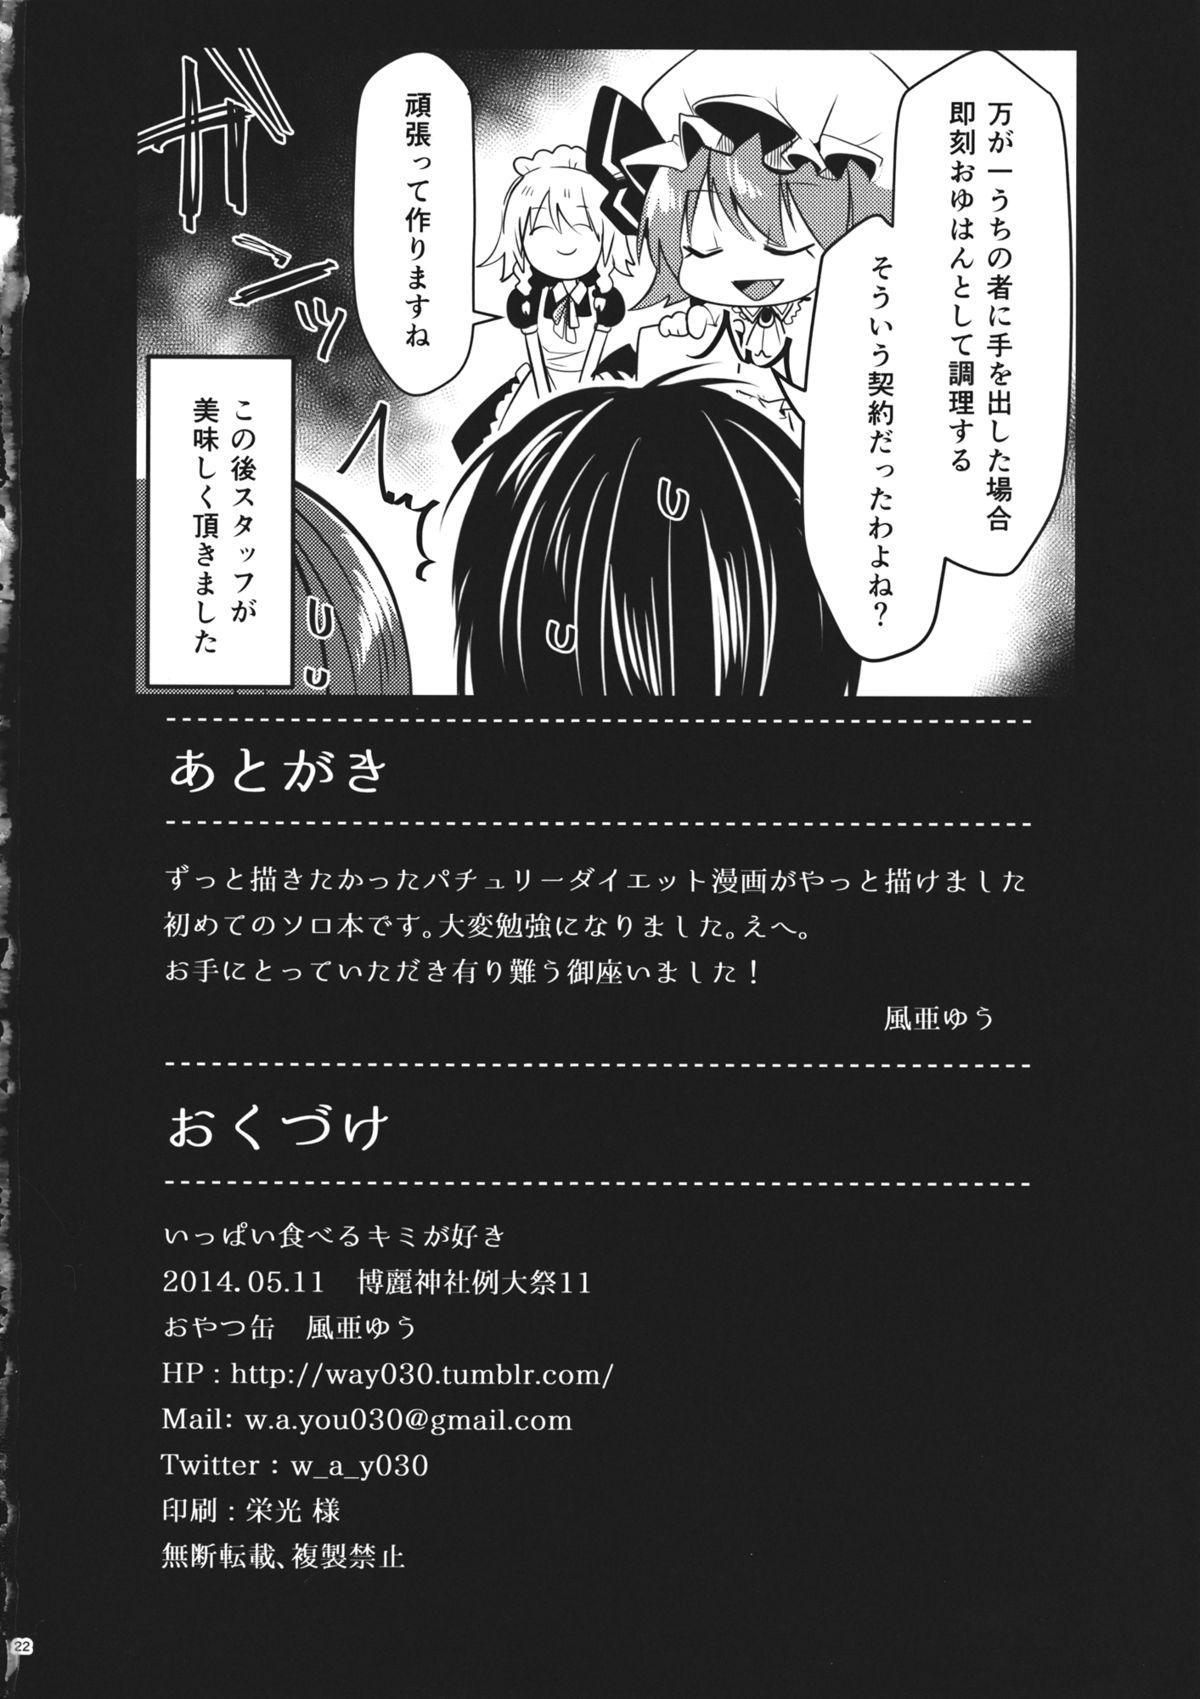 Ippai Taberu Kimi ga Suki 20